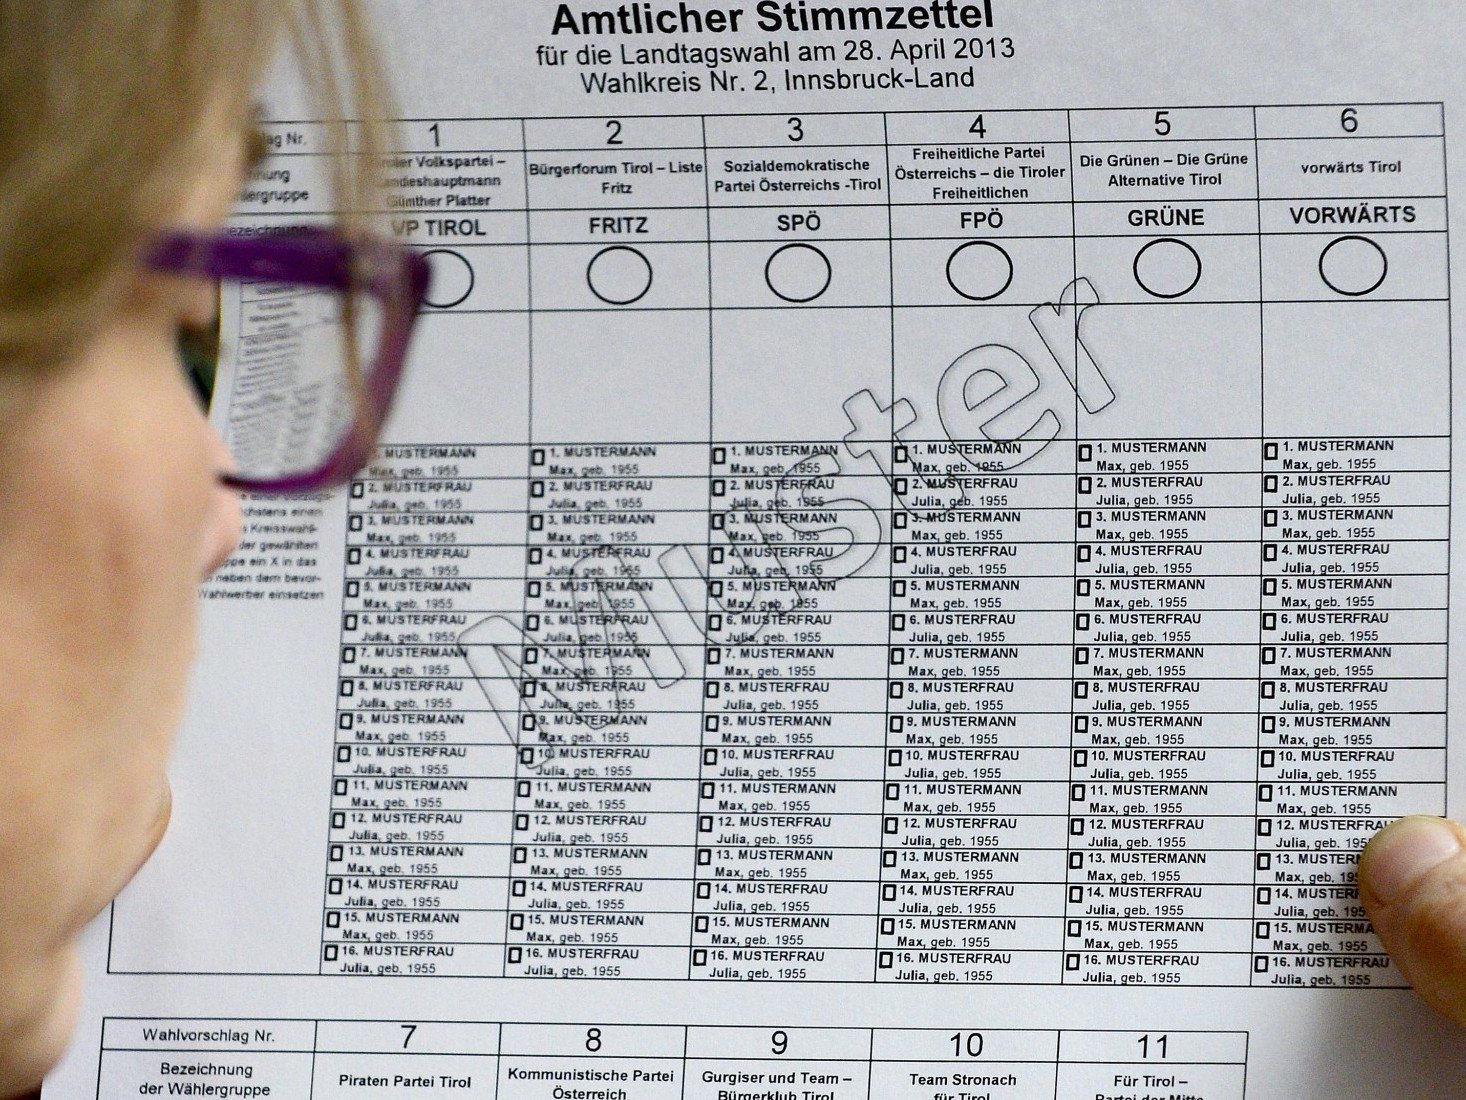 Die Briefwahlstimmen werden bei der Tirol-Wahl erst am 30. April ausgezählt.